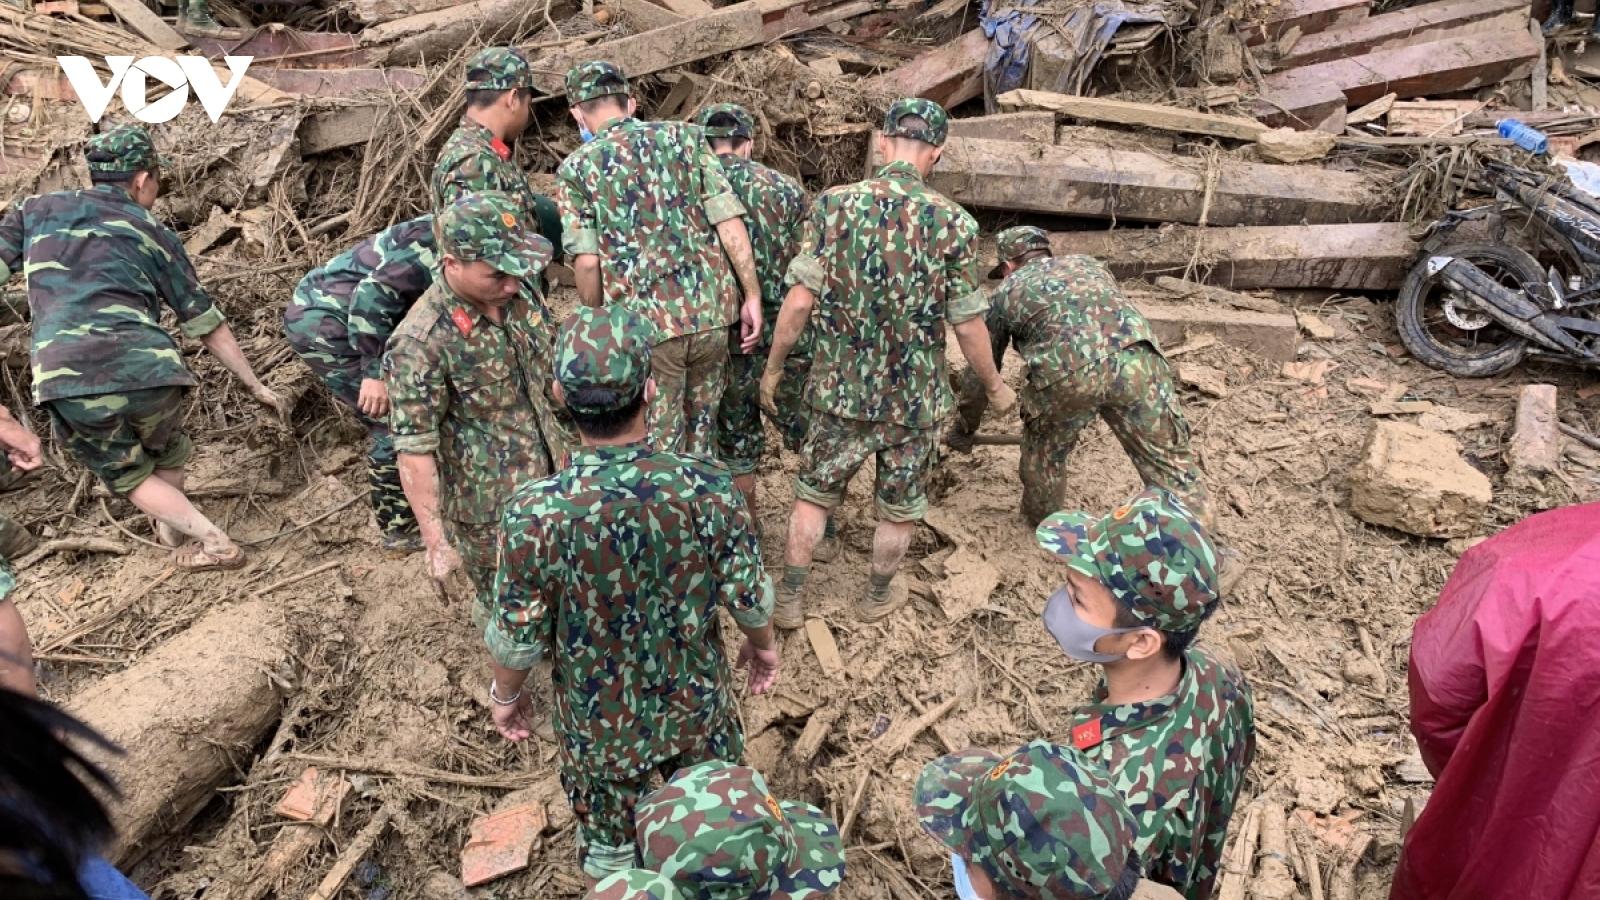 Tìm thấy thêm 1 thi thể bị vùi lấp ở xã Phước Lộc, huyện Phước Sơn